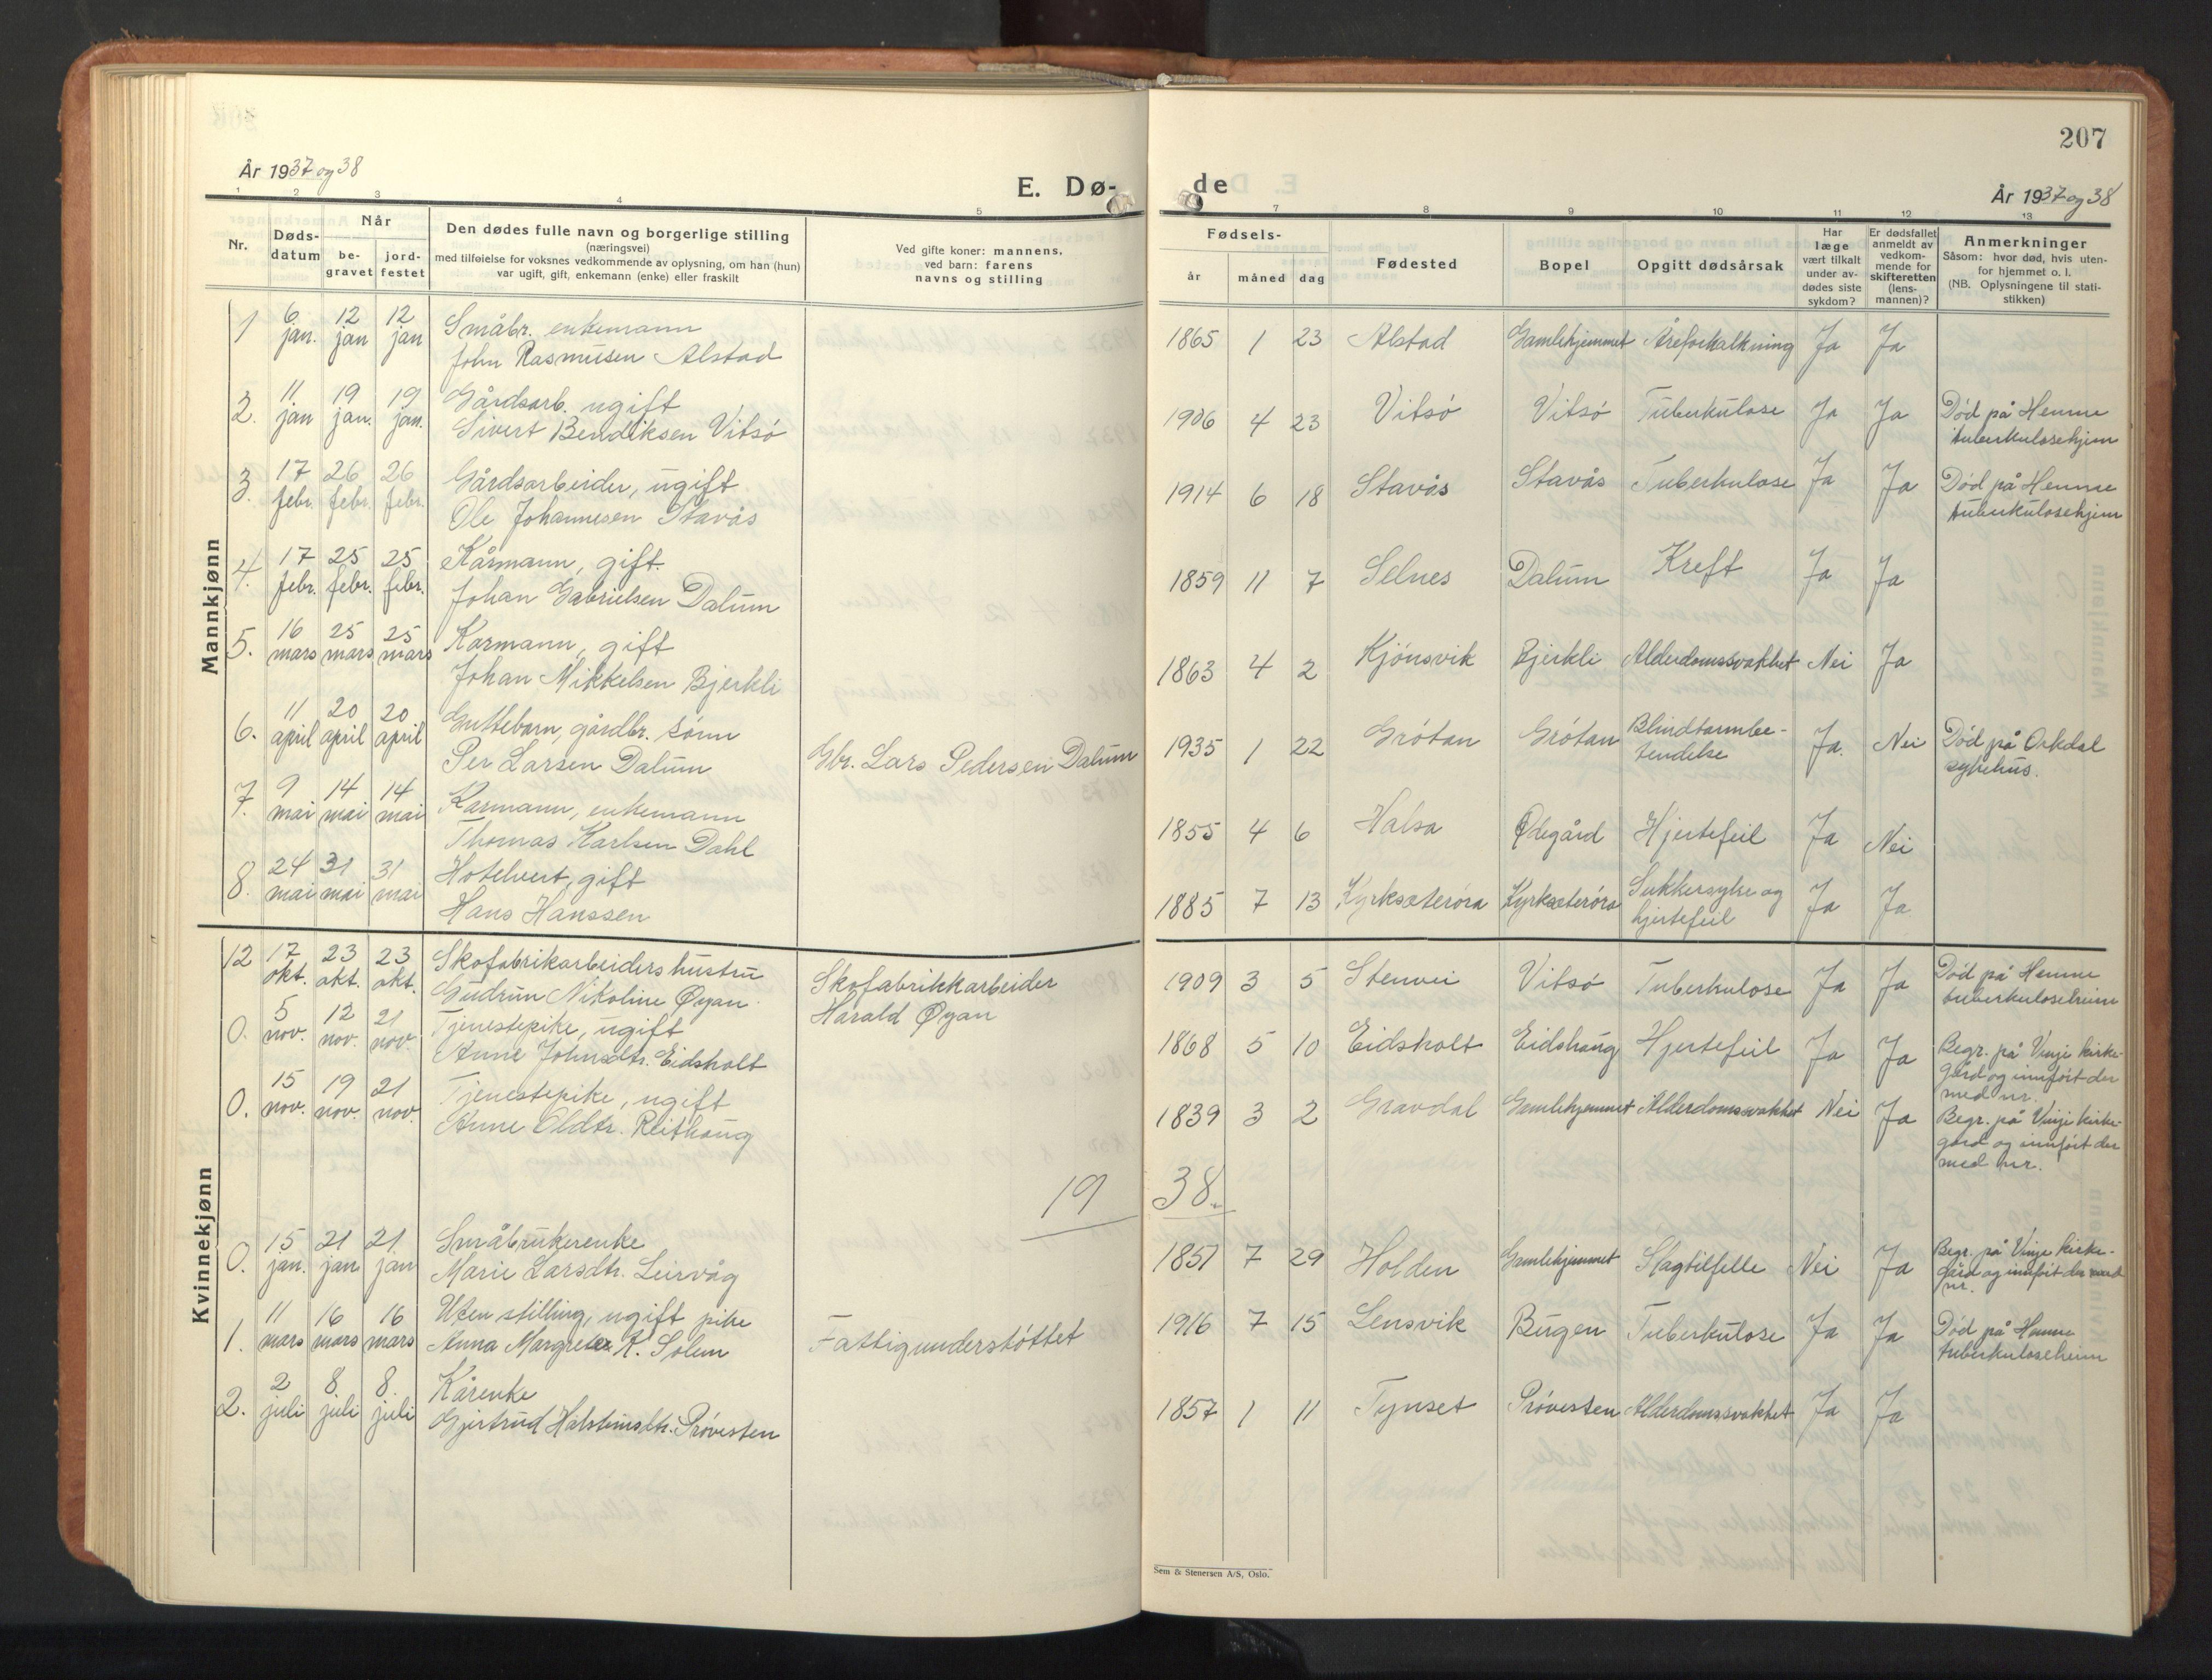 SAT, Ministerialprotokoller, klokkerbøker og fødselsregistre - Sør-Trøndelag, 630/L0508: Klokkerbok nr. 630C06, 1933-1950, s. 207